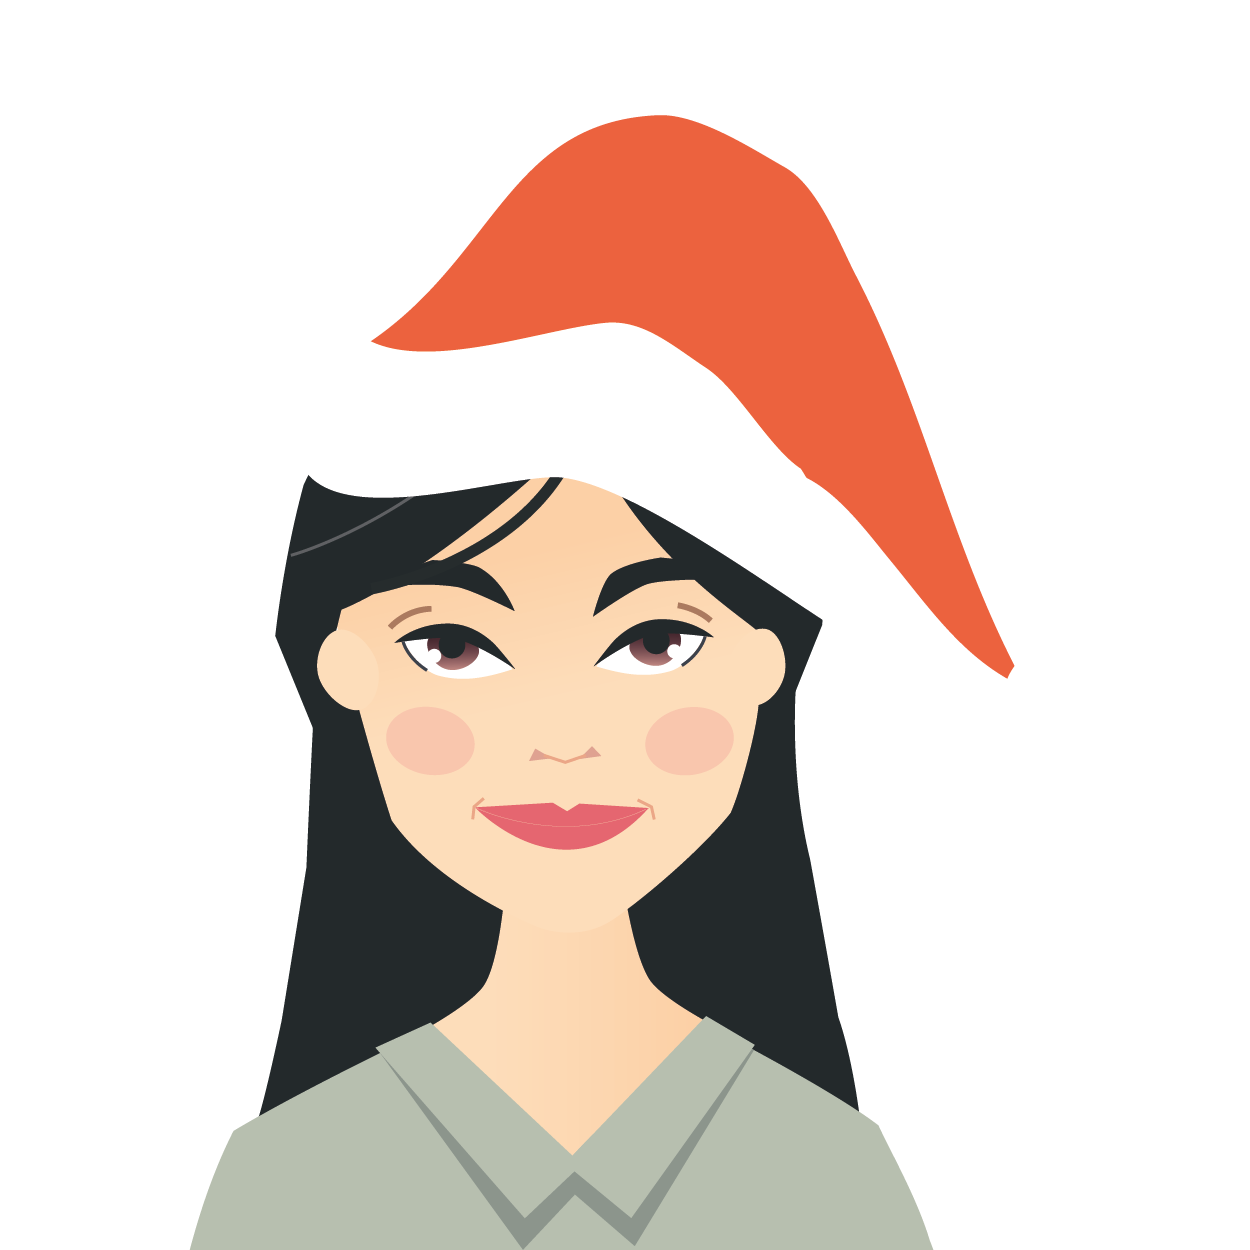 Maries virtuelle Weihnachtsreise